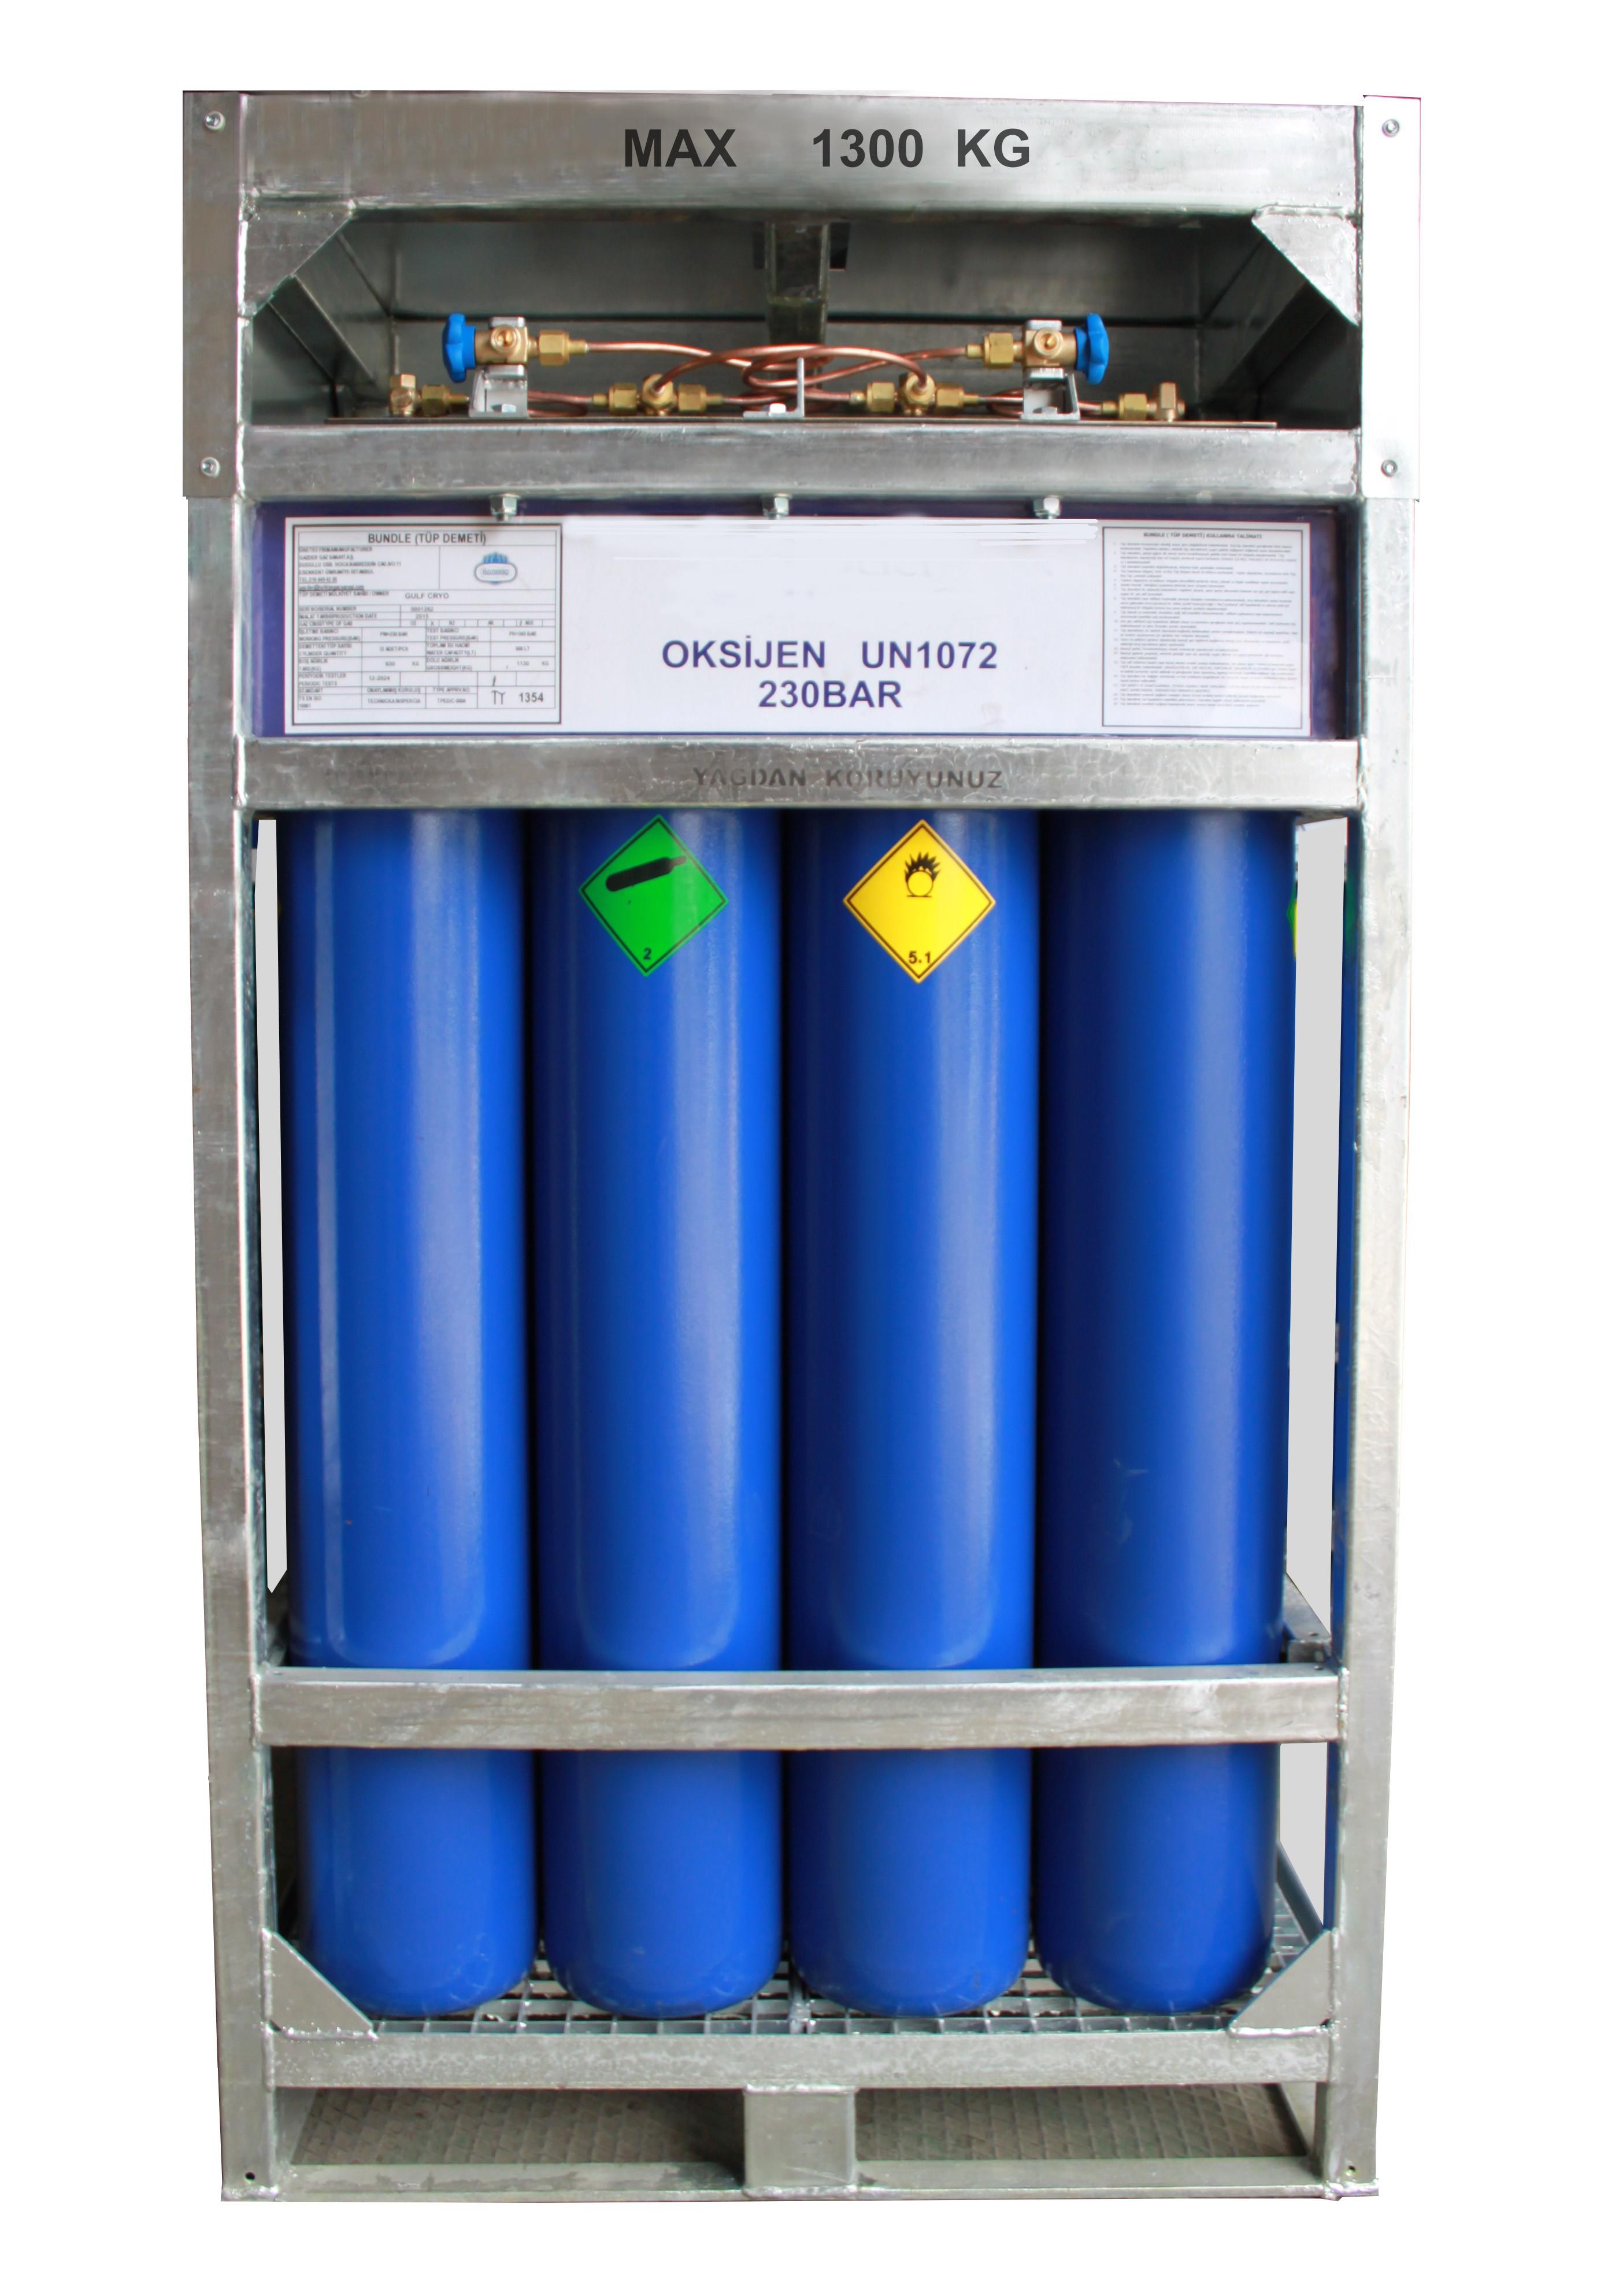 Sıvı oksijen. Genel bilgi